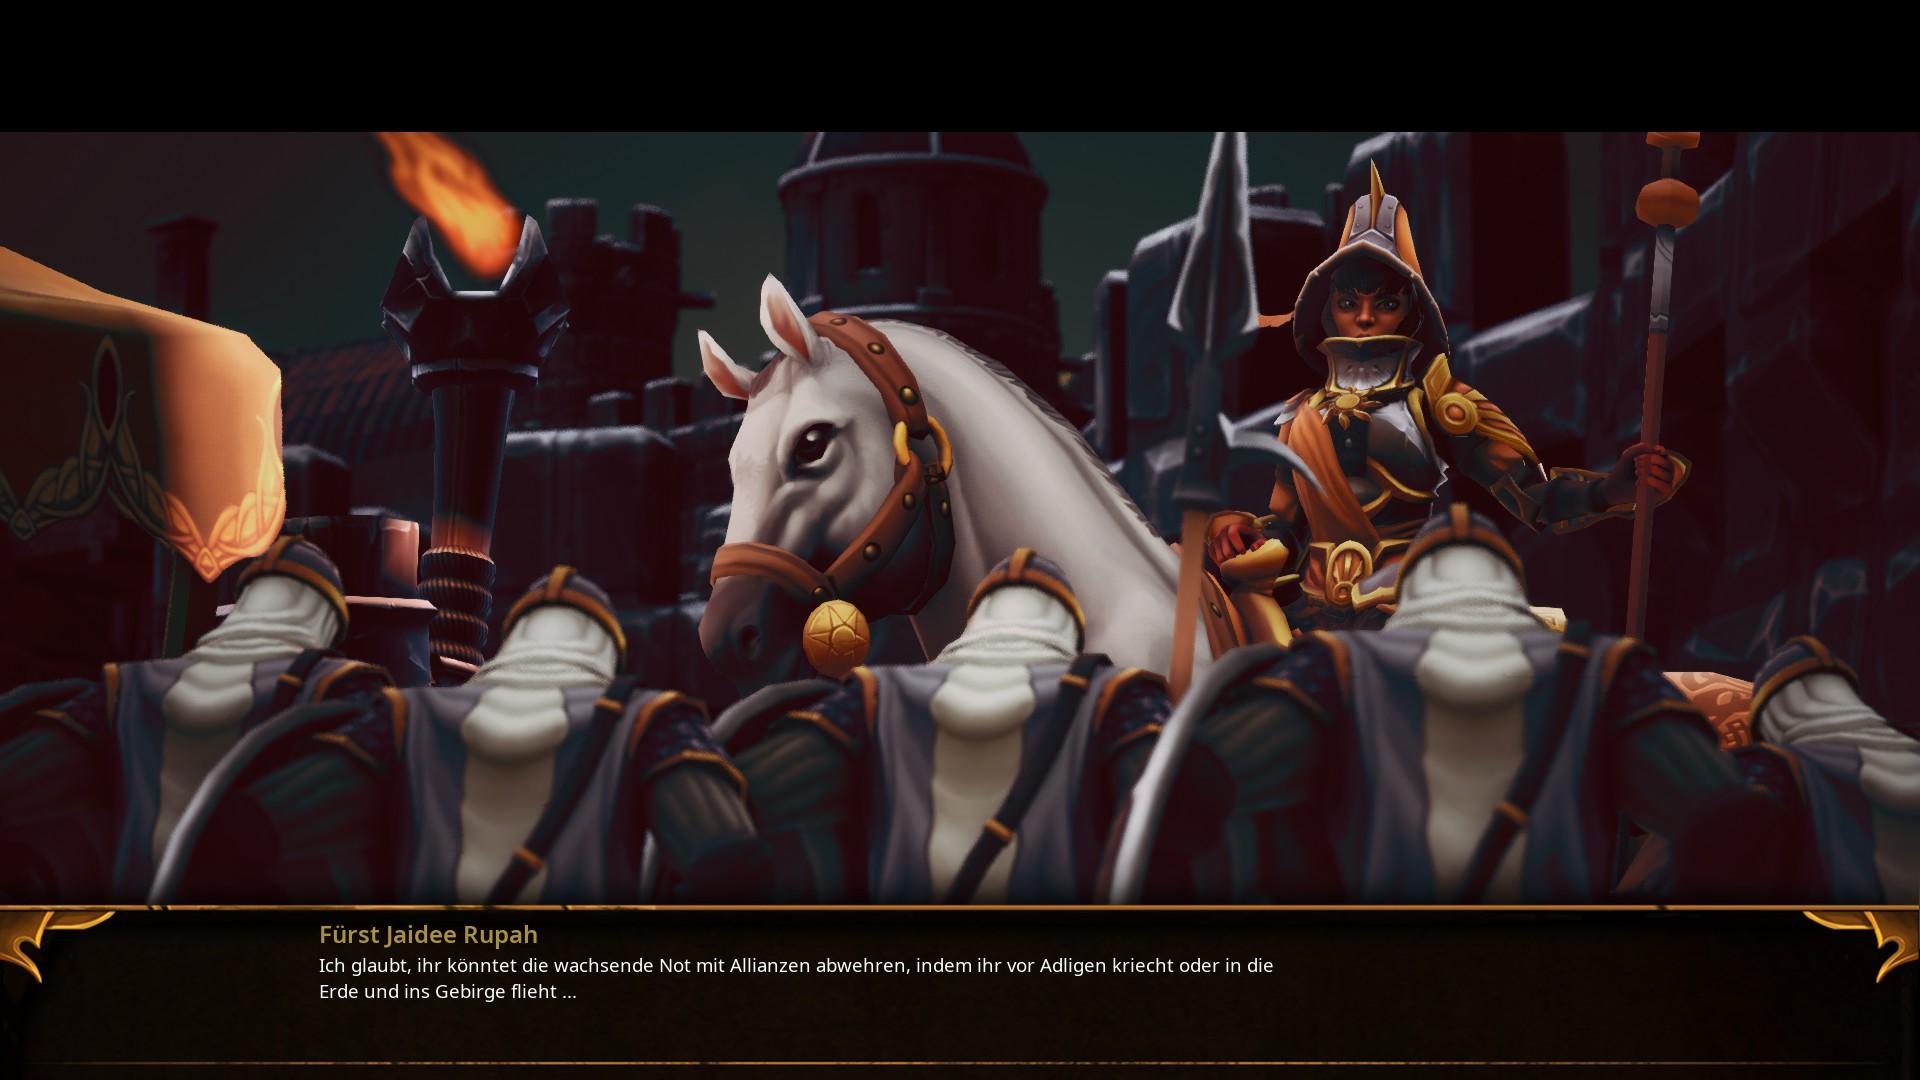 A Year of Rain angespielt: Warcraft-3-Klon mit Koop-Twist - News | GamersGlobal.de